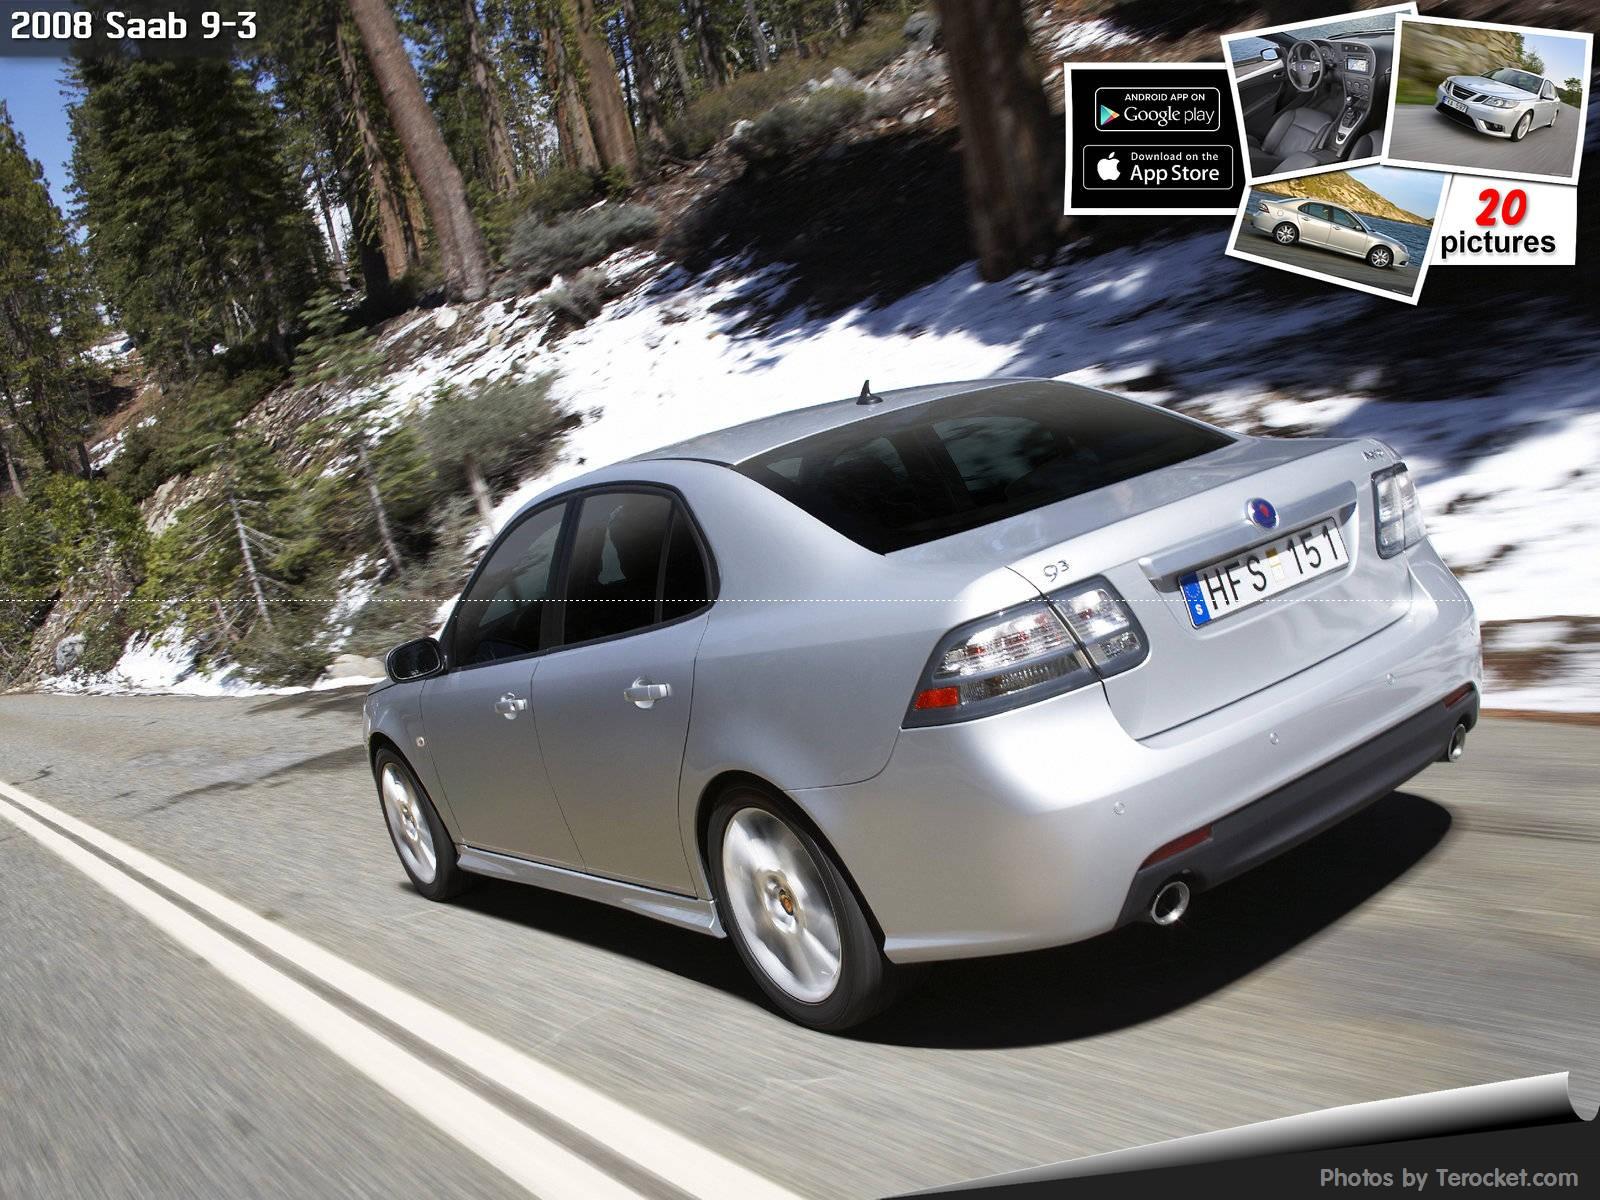 Hình ảnh xe ô tô Saab 9-3 2008 & nội ngoại thất